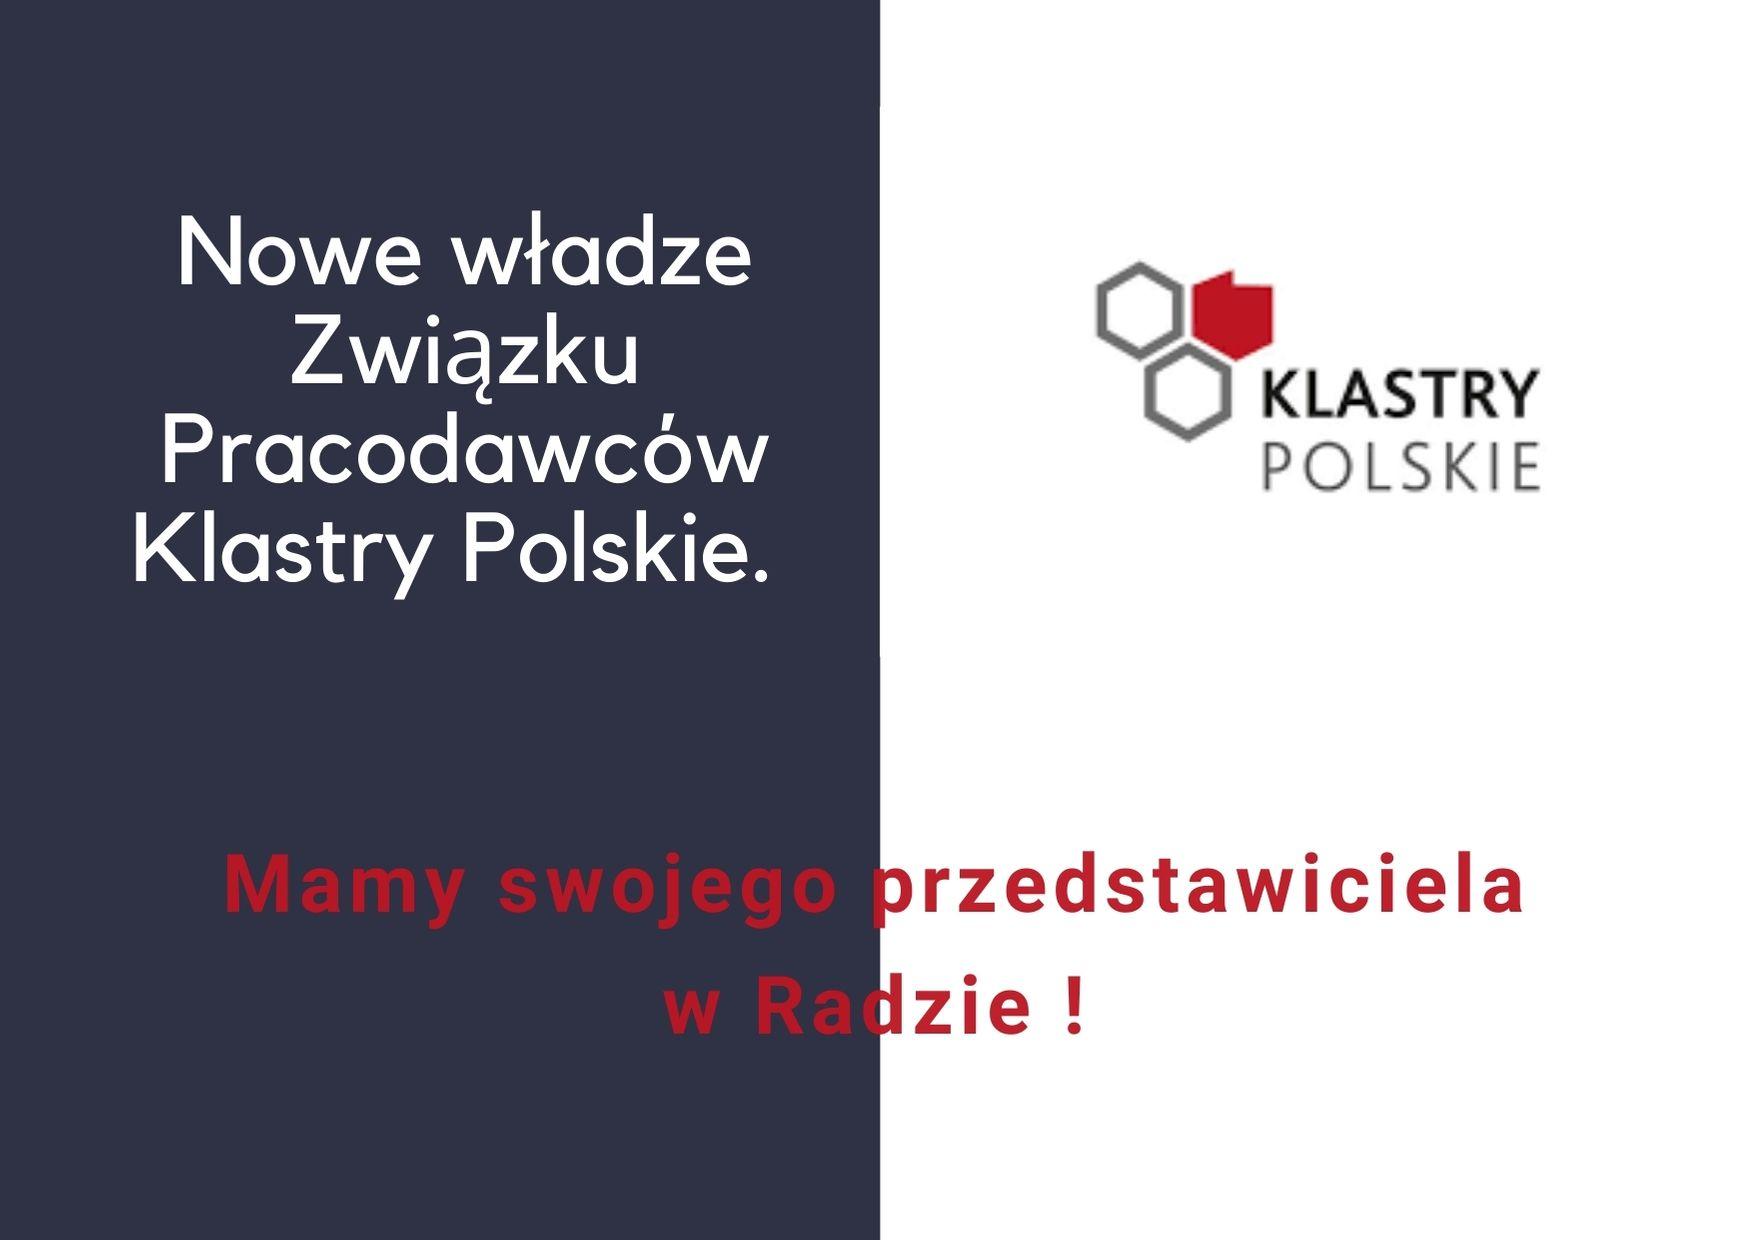 Nowe władze Związku Pracodawców Klastry Polskie. Mamy swojego przedstawiciela w Radzie!